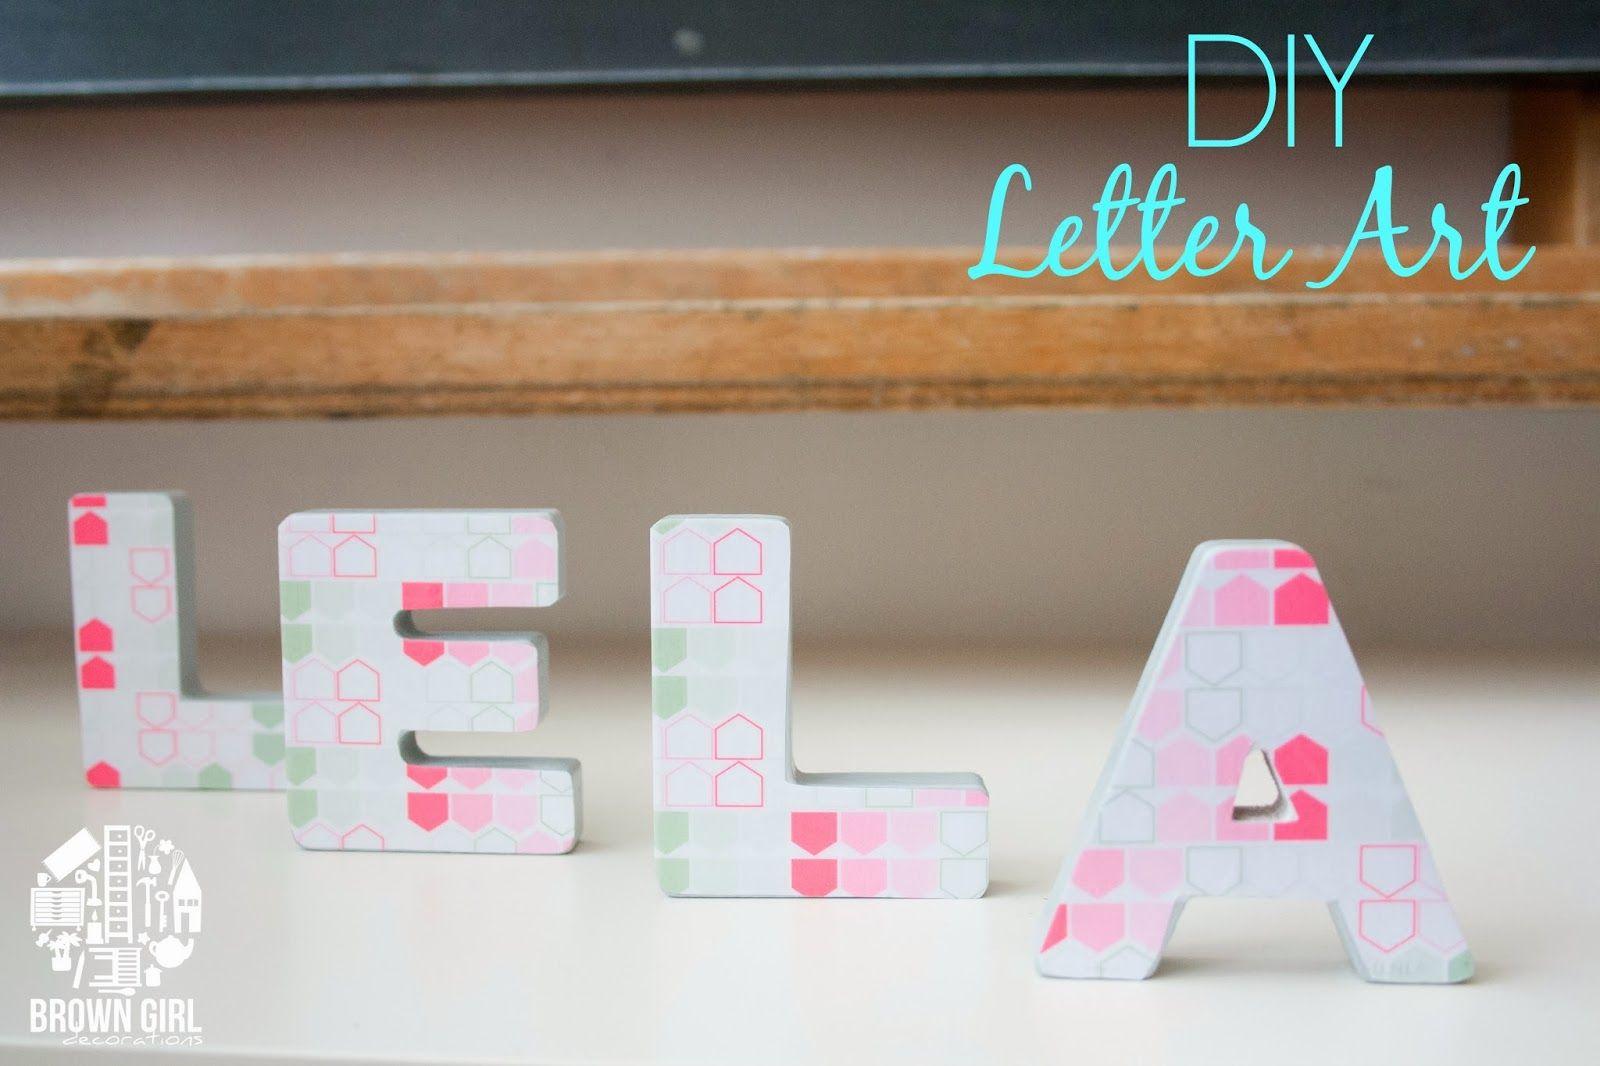 DIY Letter Art | Brown Girl Decor Blog